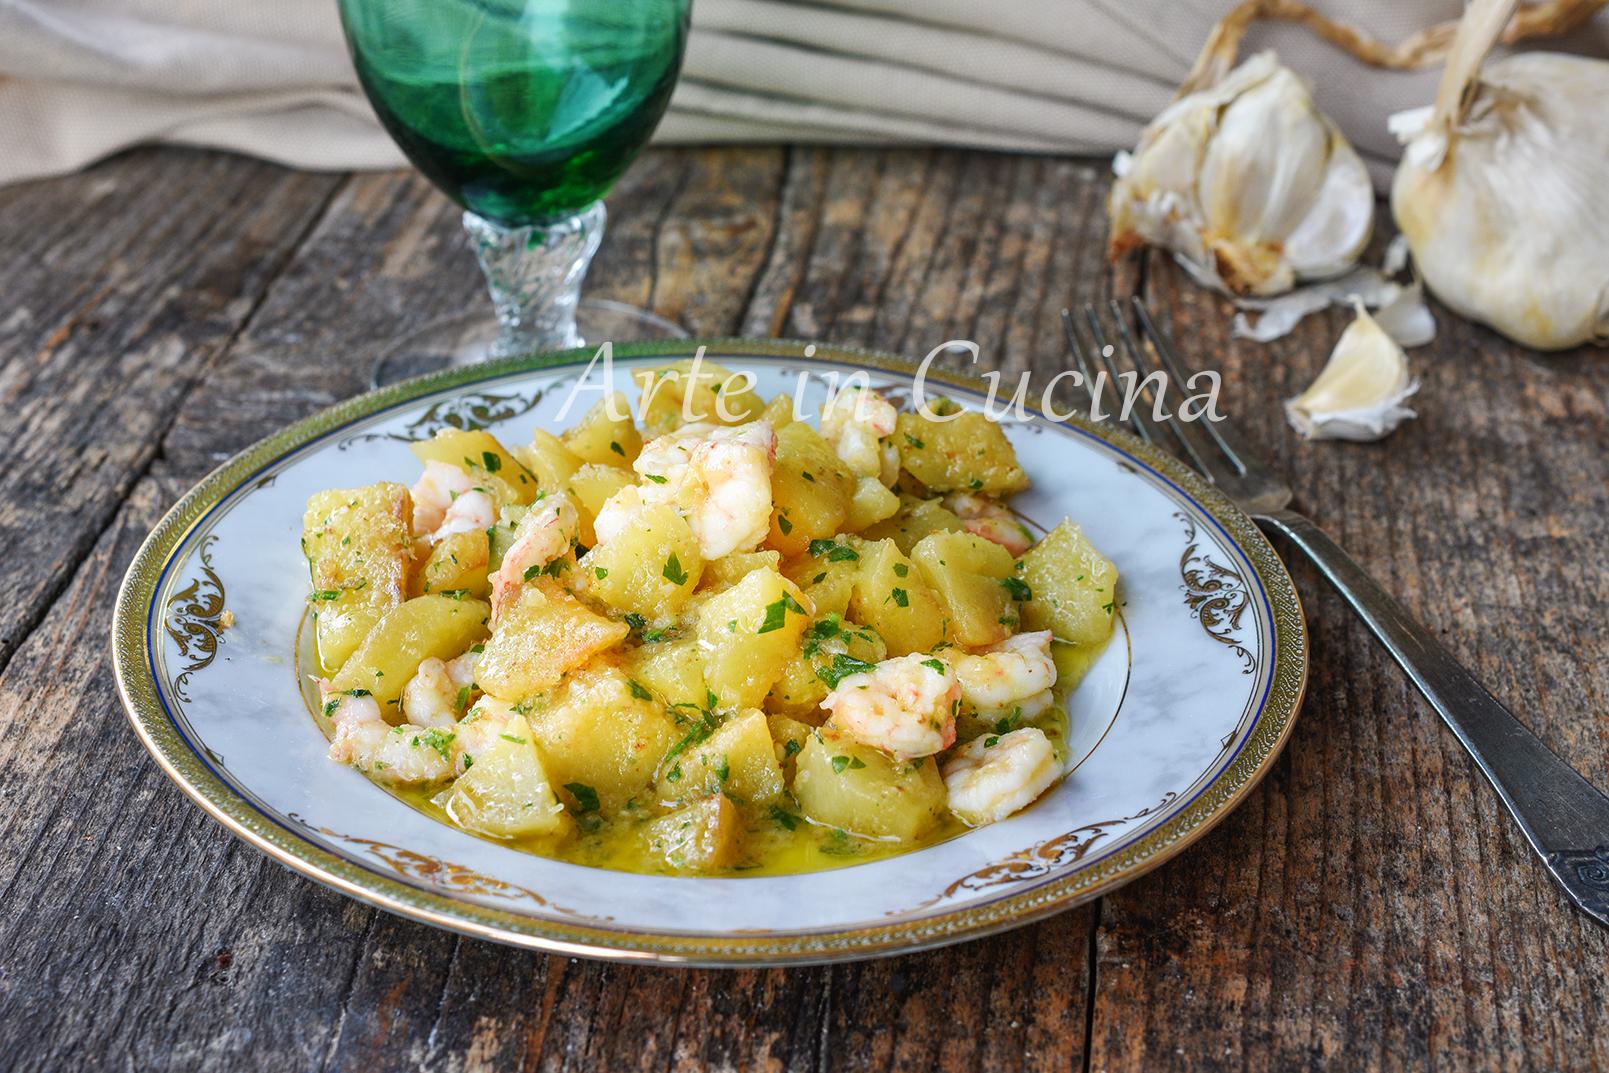 Gamberetti con patate in padella